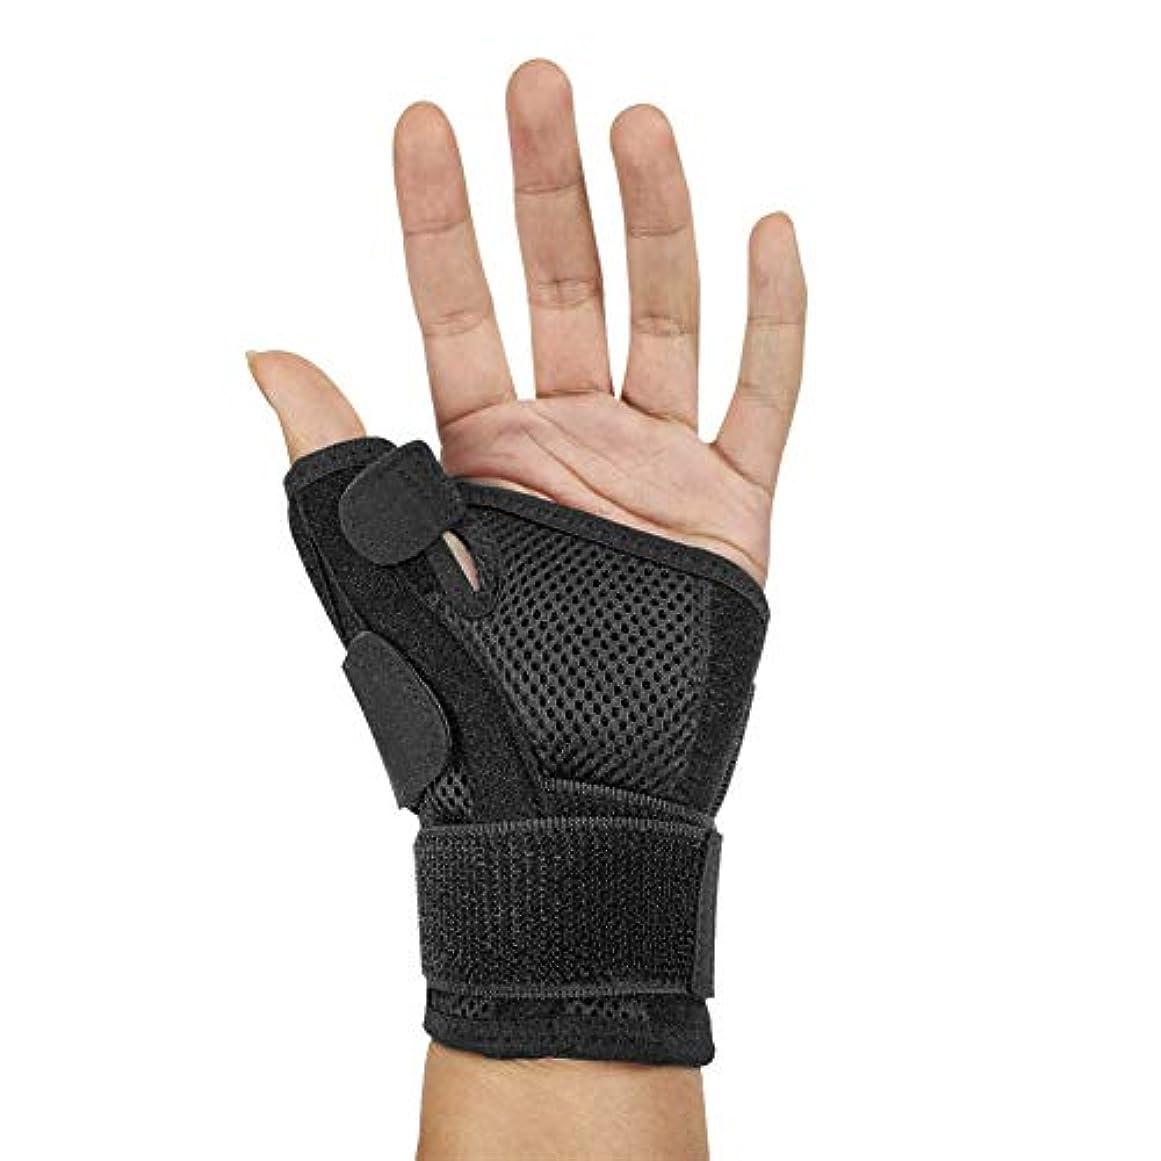 慣性アークメイト指サポーター ばね指サポーター バネ指 腱鞘炎 指保護 固定 調整自在 左右兼用 フリーサイズ